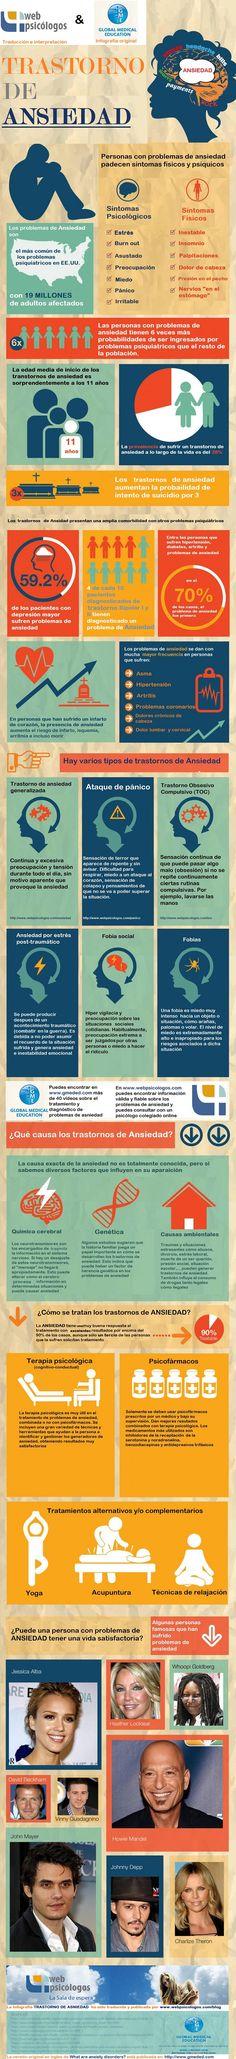 Sobre el trastorno de ansiedad